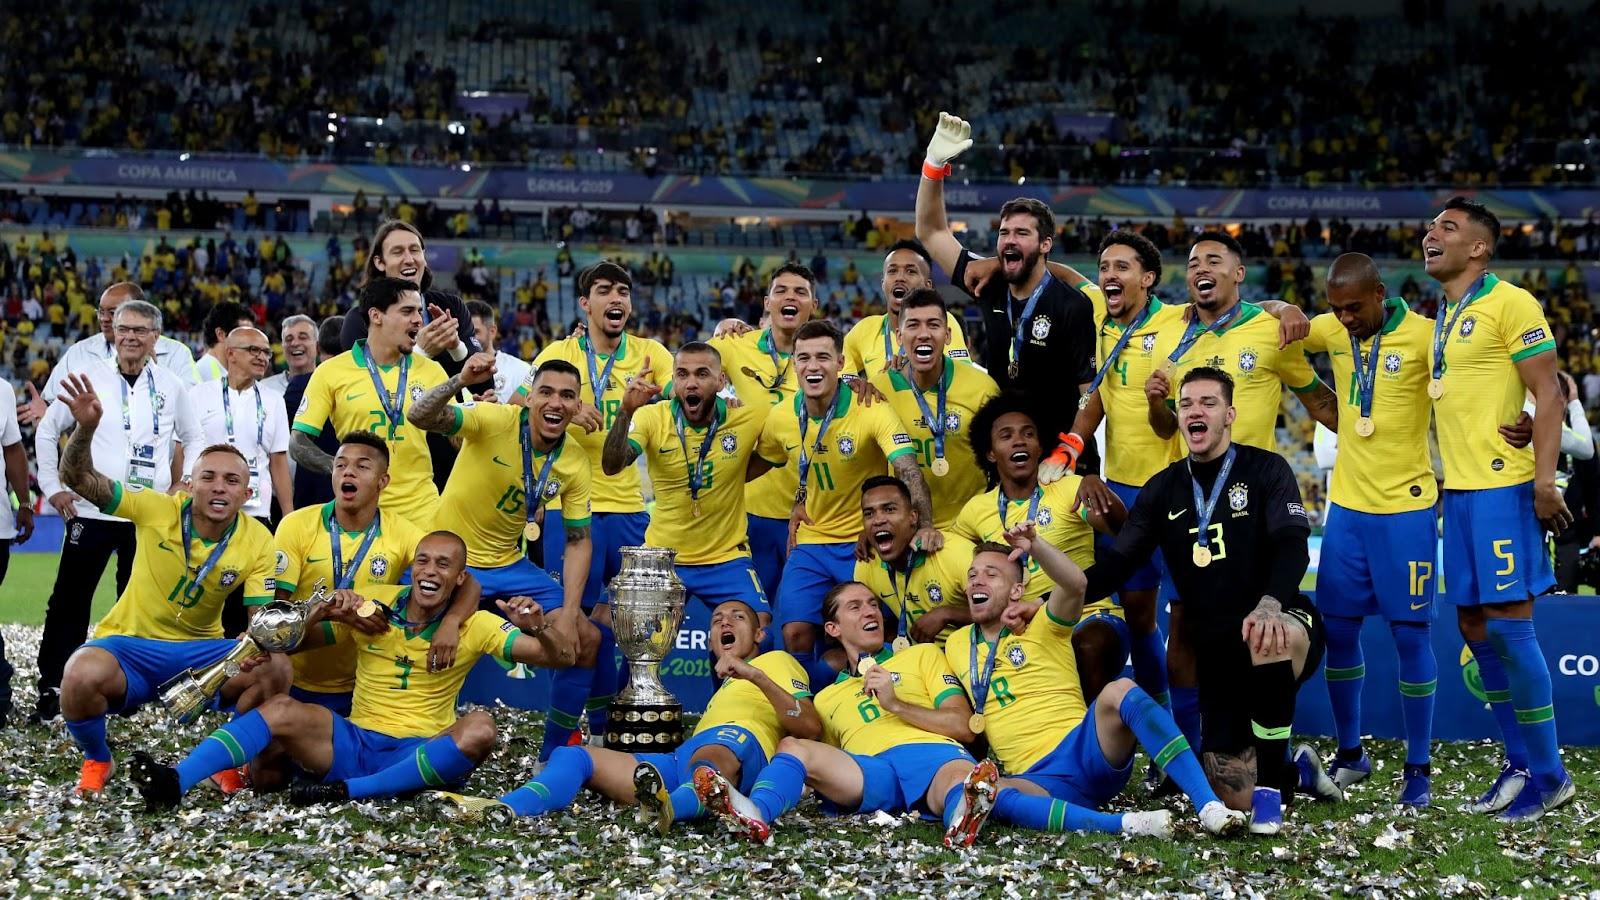 Brazil không chỉ có đội tuyển bóng đá nam vô địch World Cup 5 lần mà còn đội tuyển bóng đá nữ cũng vô địch 3 lần